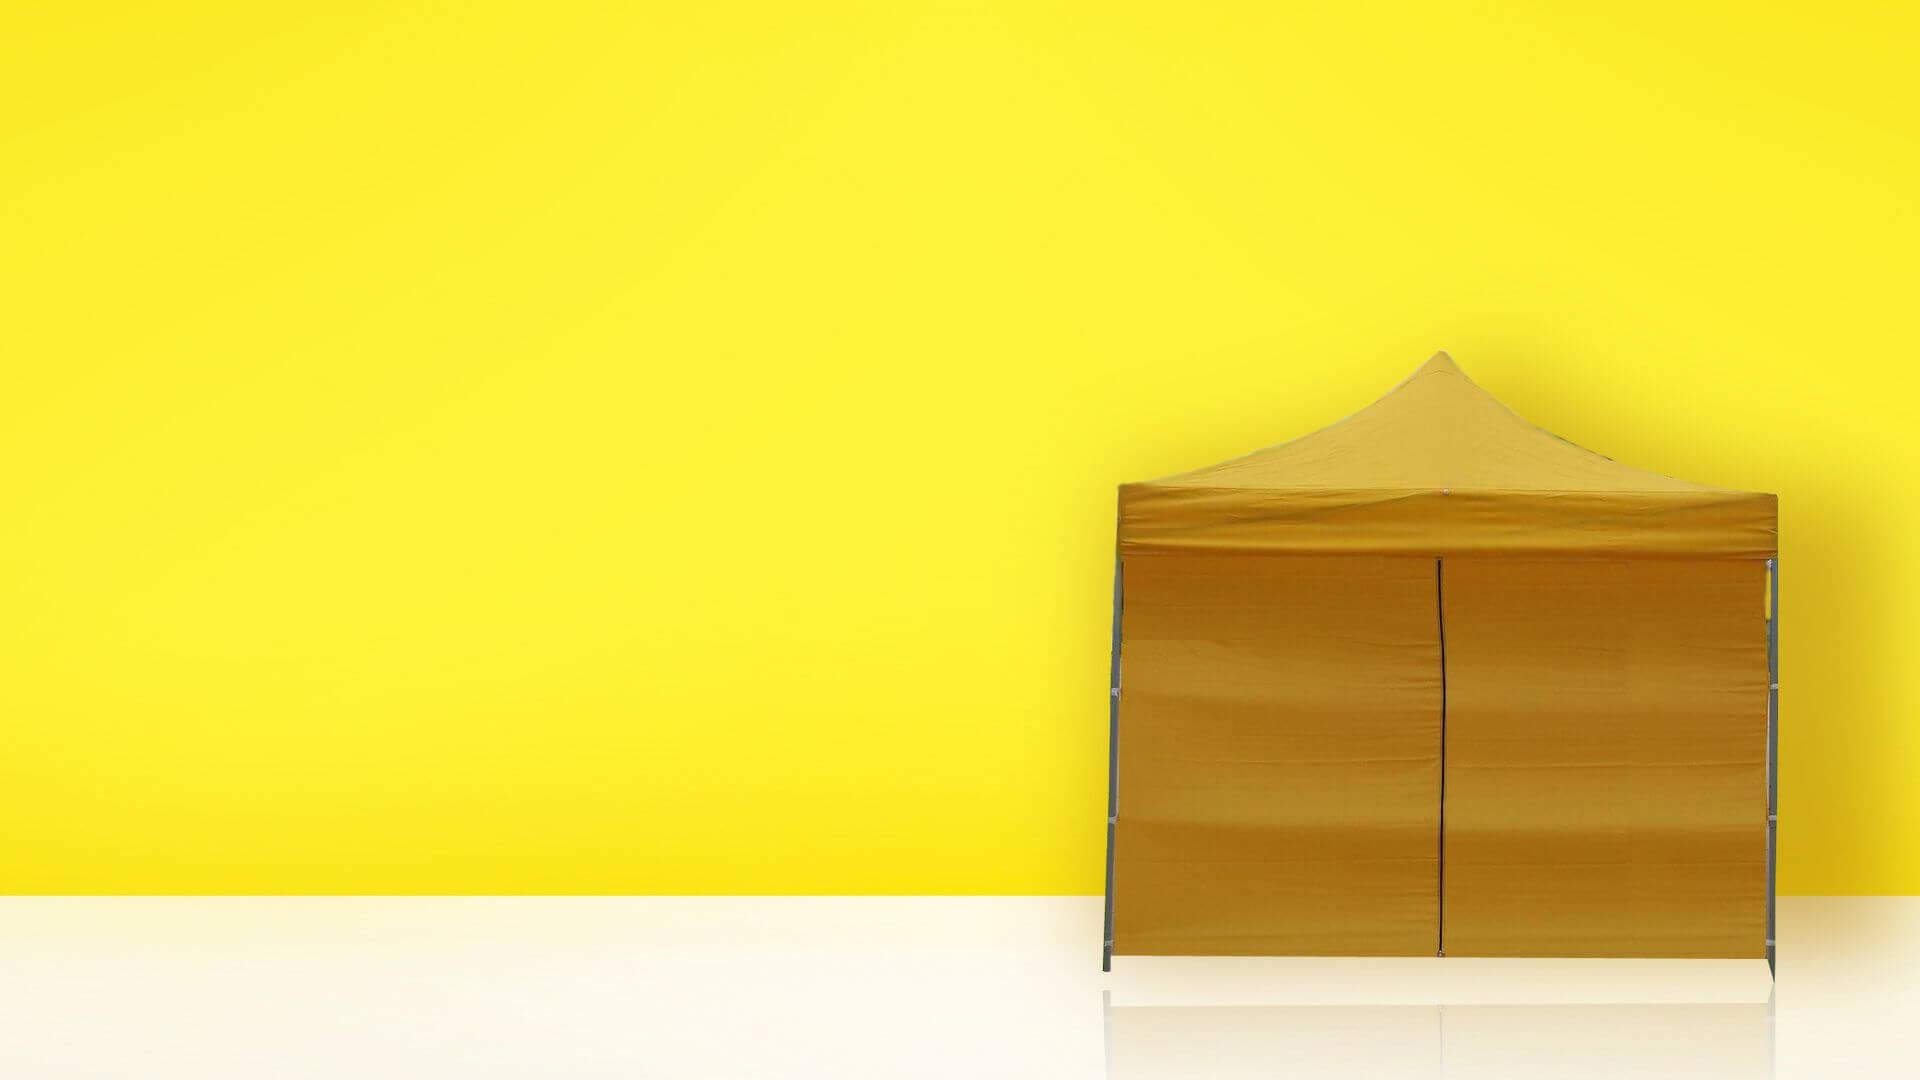 Carpa color mostaza sobre fondo amarillo